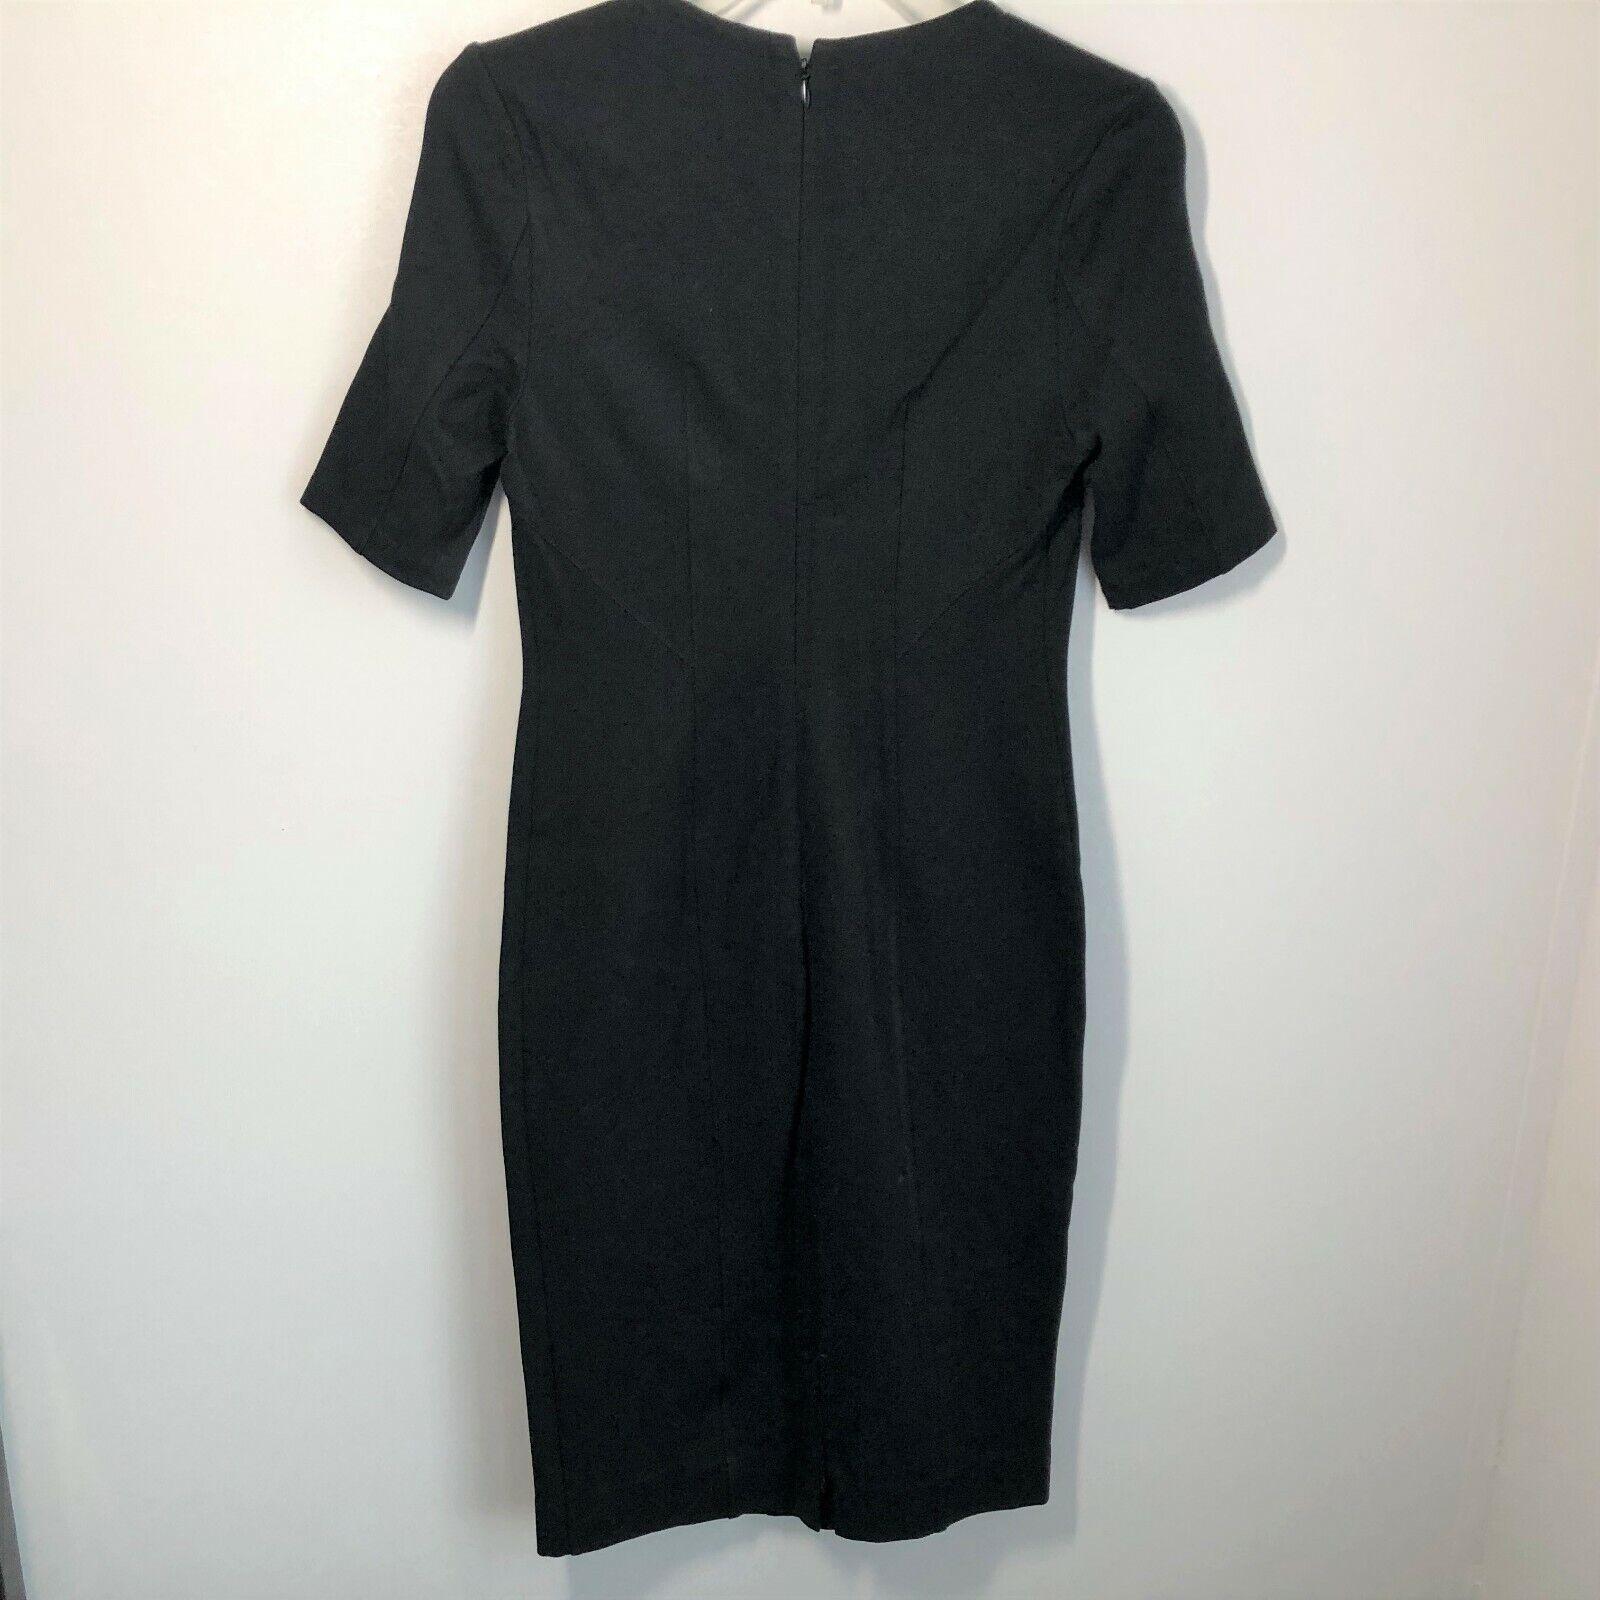 Cabi Size 2 Claire Dress Black Ponte Knit Short S… - image 2